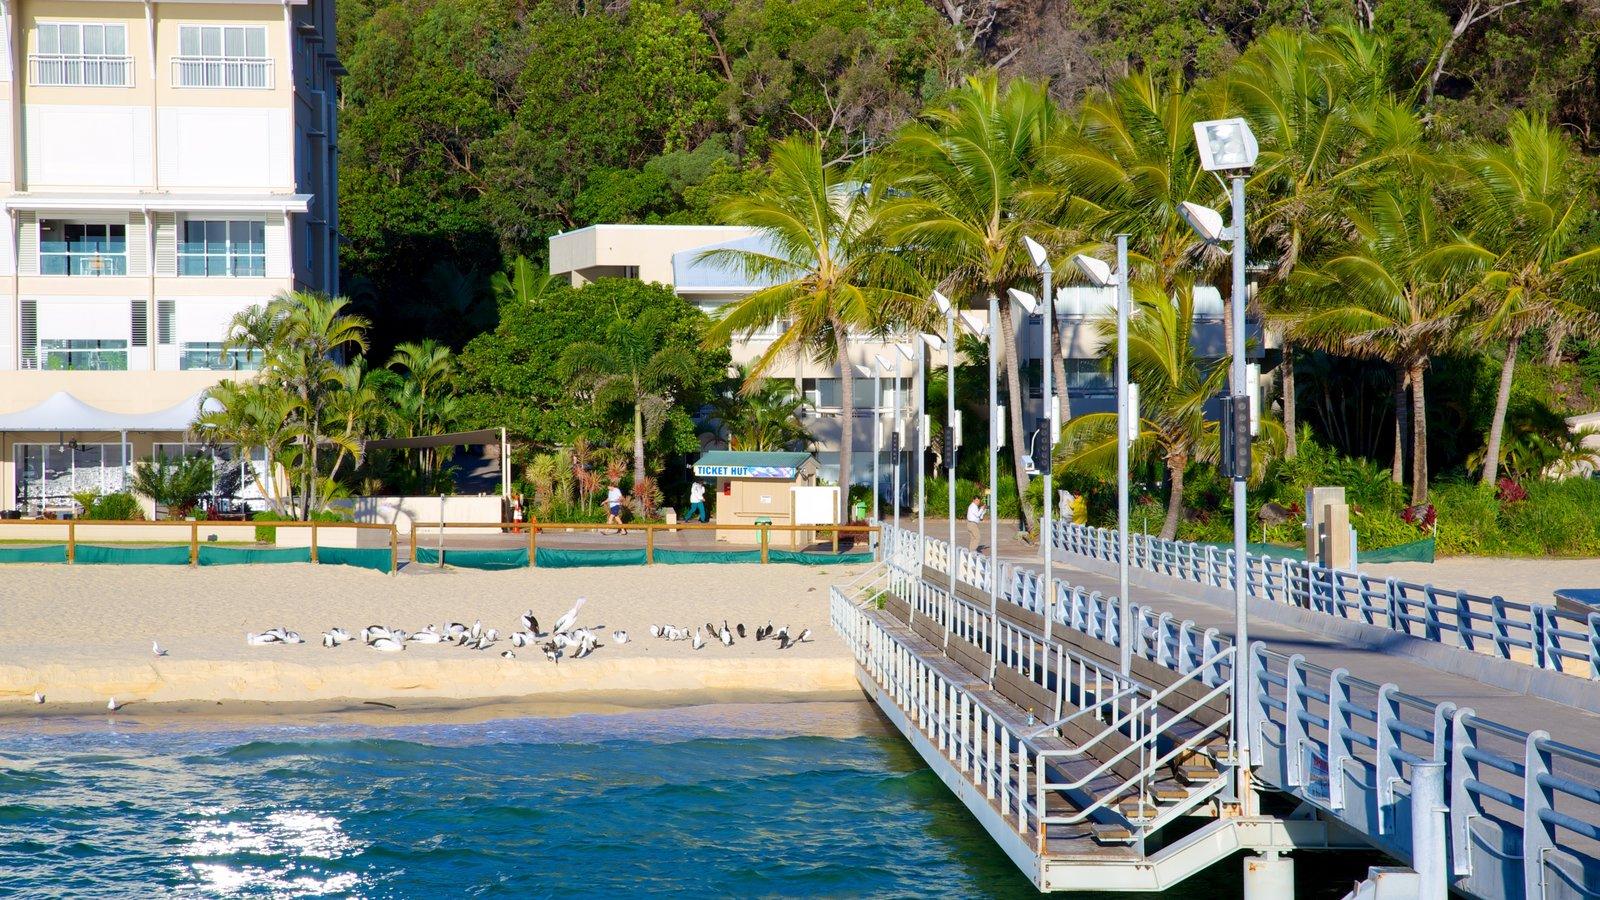 Parque nacional de Isla Moreton ofreciendo escenas tropicales